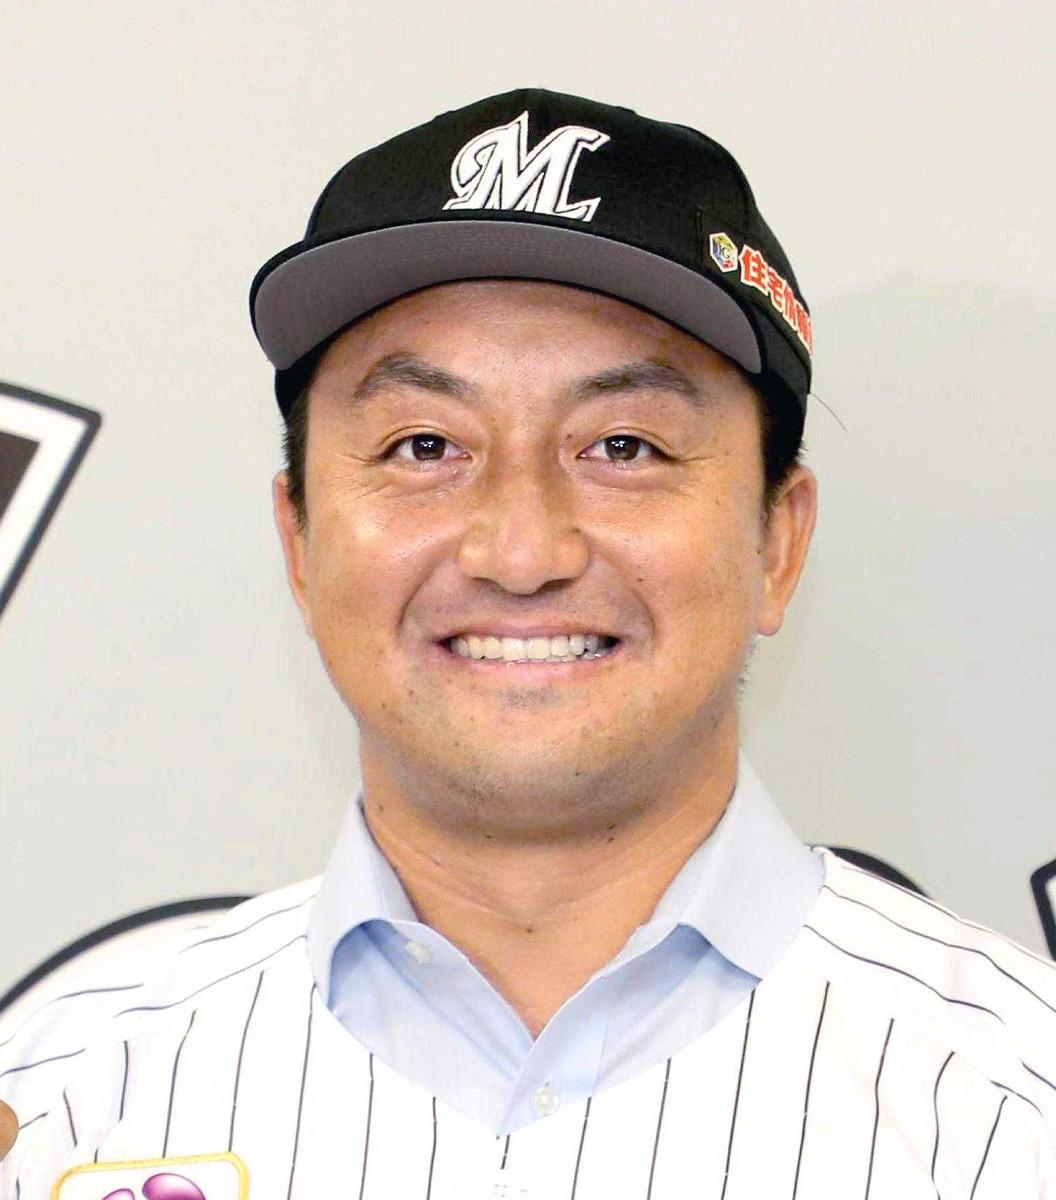 【ロッテ】海外FAの沢村拓一がインスタ開設 前田健太がPR「これ本物」 : スポーツ報知